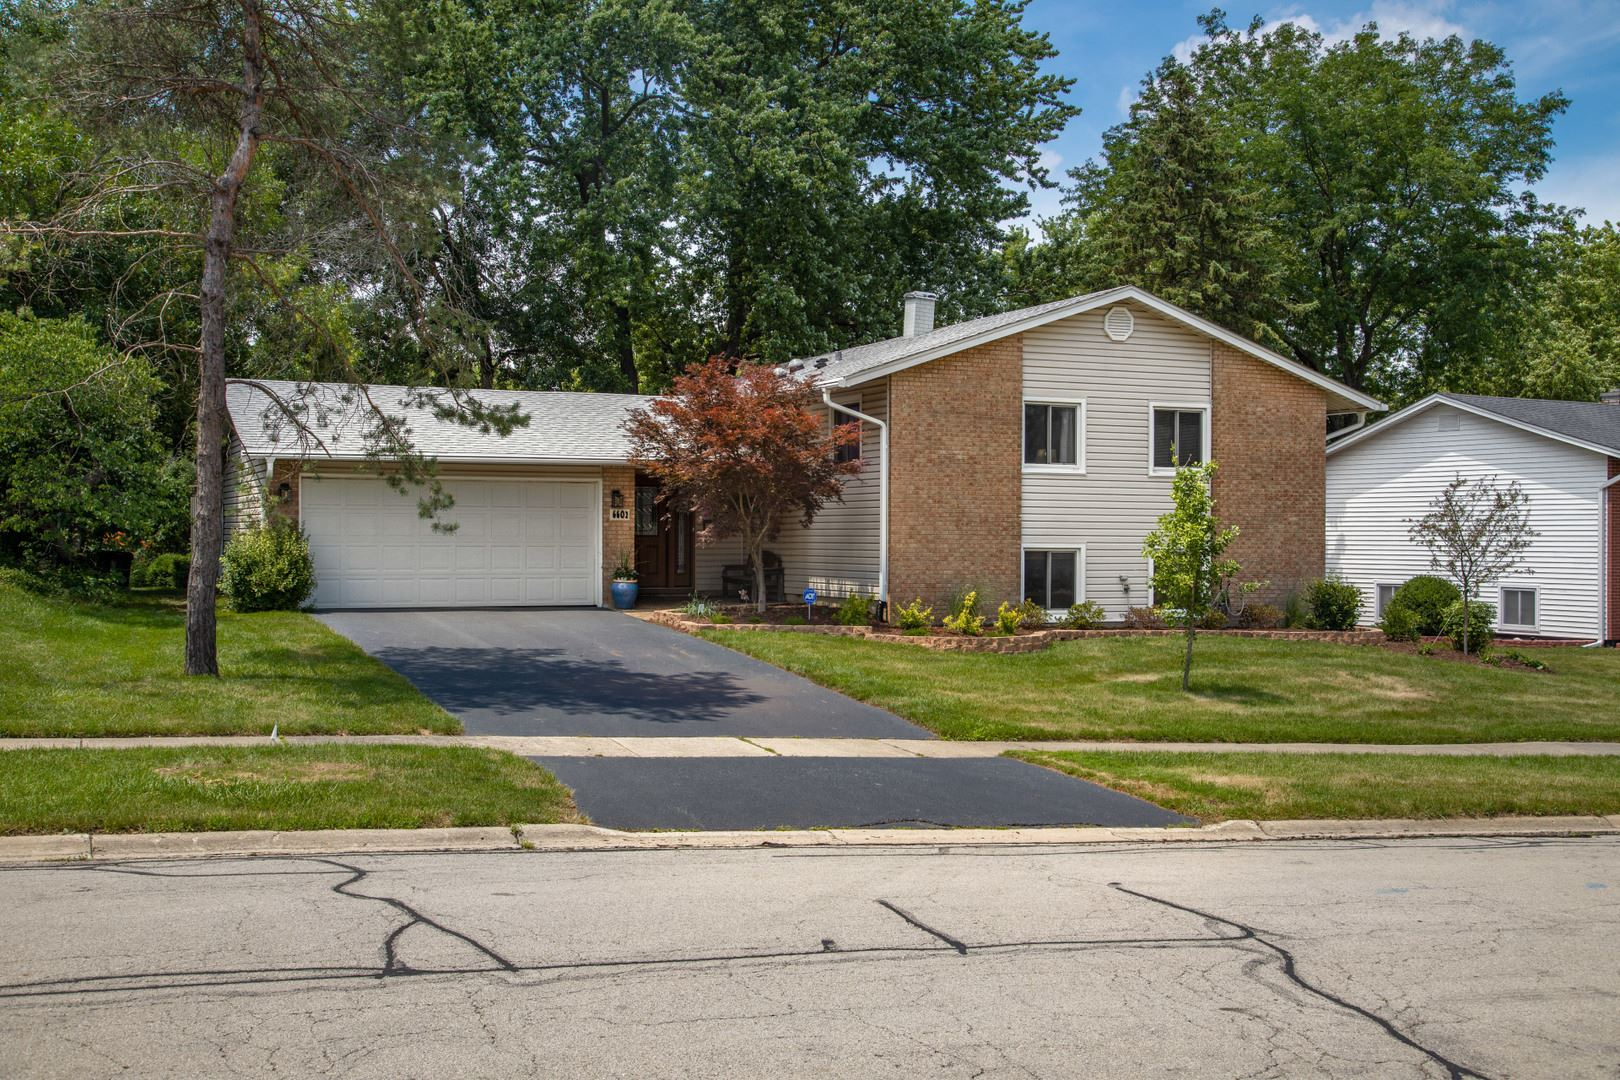 6602 Taylor Drive, Woodridge, IL 60517 - #: 10770455